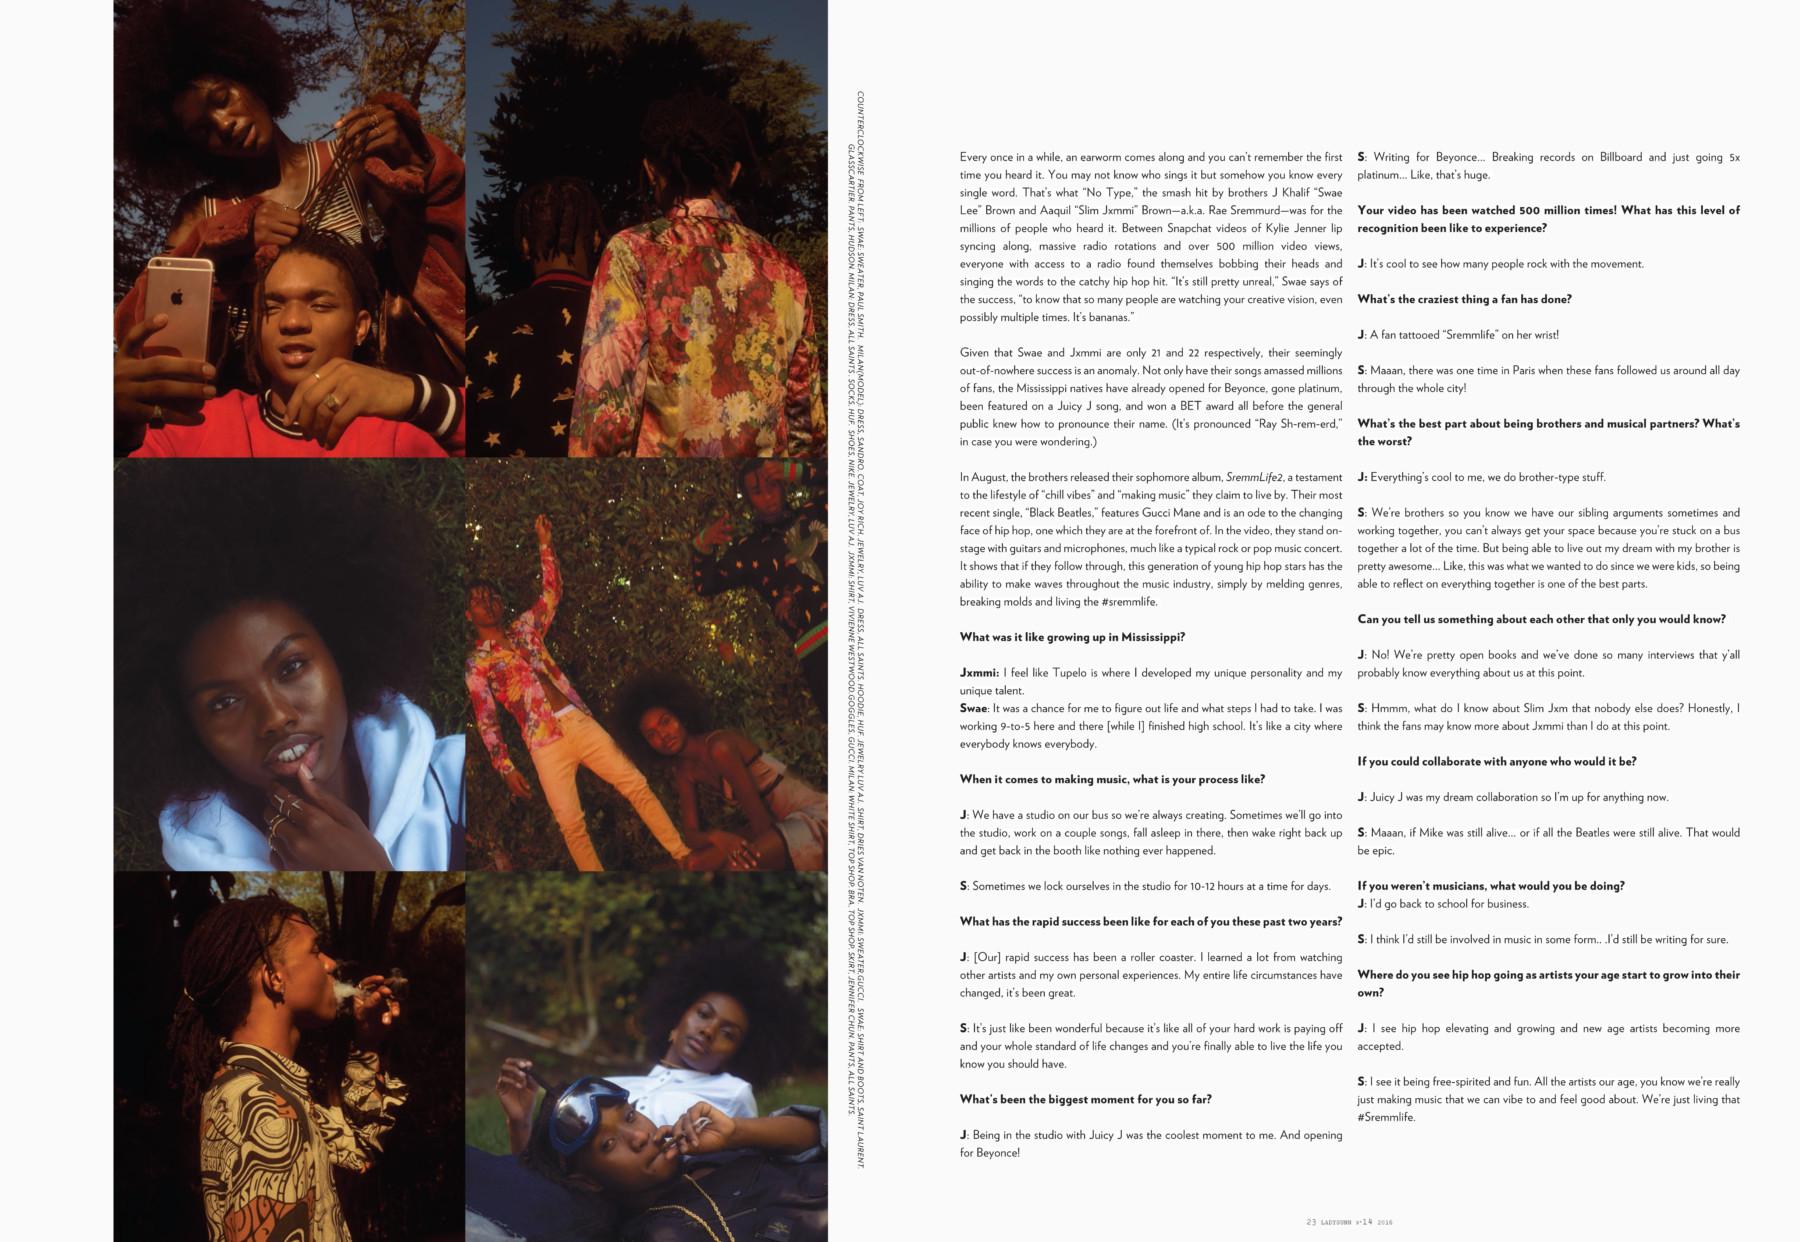 milan-dixon_ladygunn-magazine_1